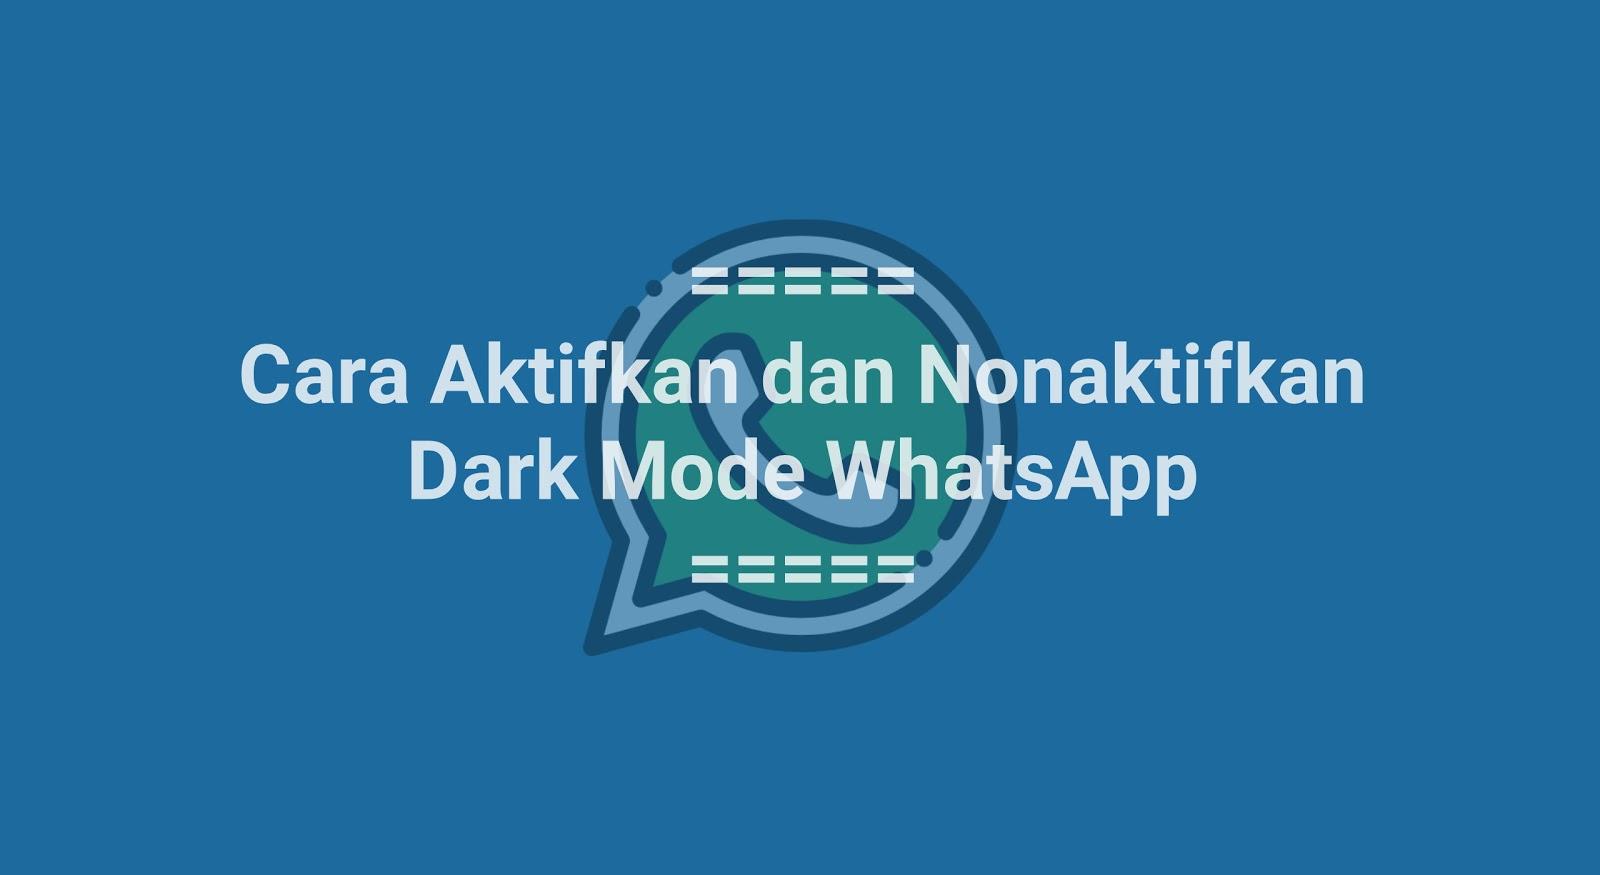 Cara Aktifkan dan Nonaktifkan Dark Mode WhatsApp (Mode Gelap)